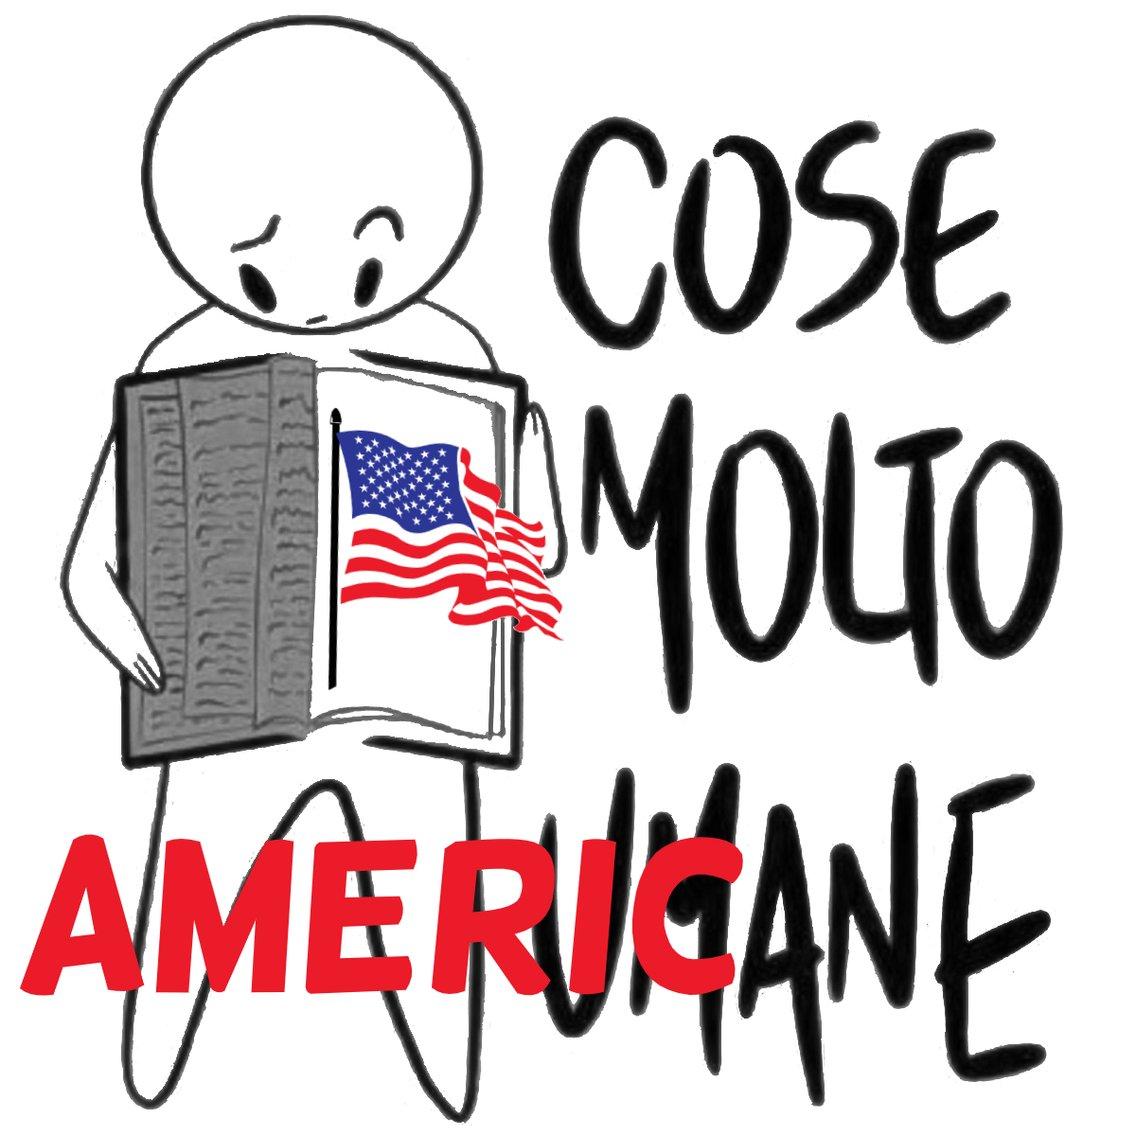 Cose Molto Americane - imagen de portada